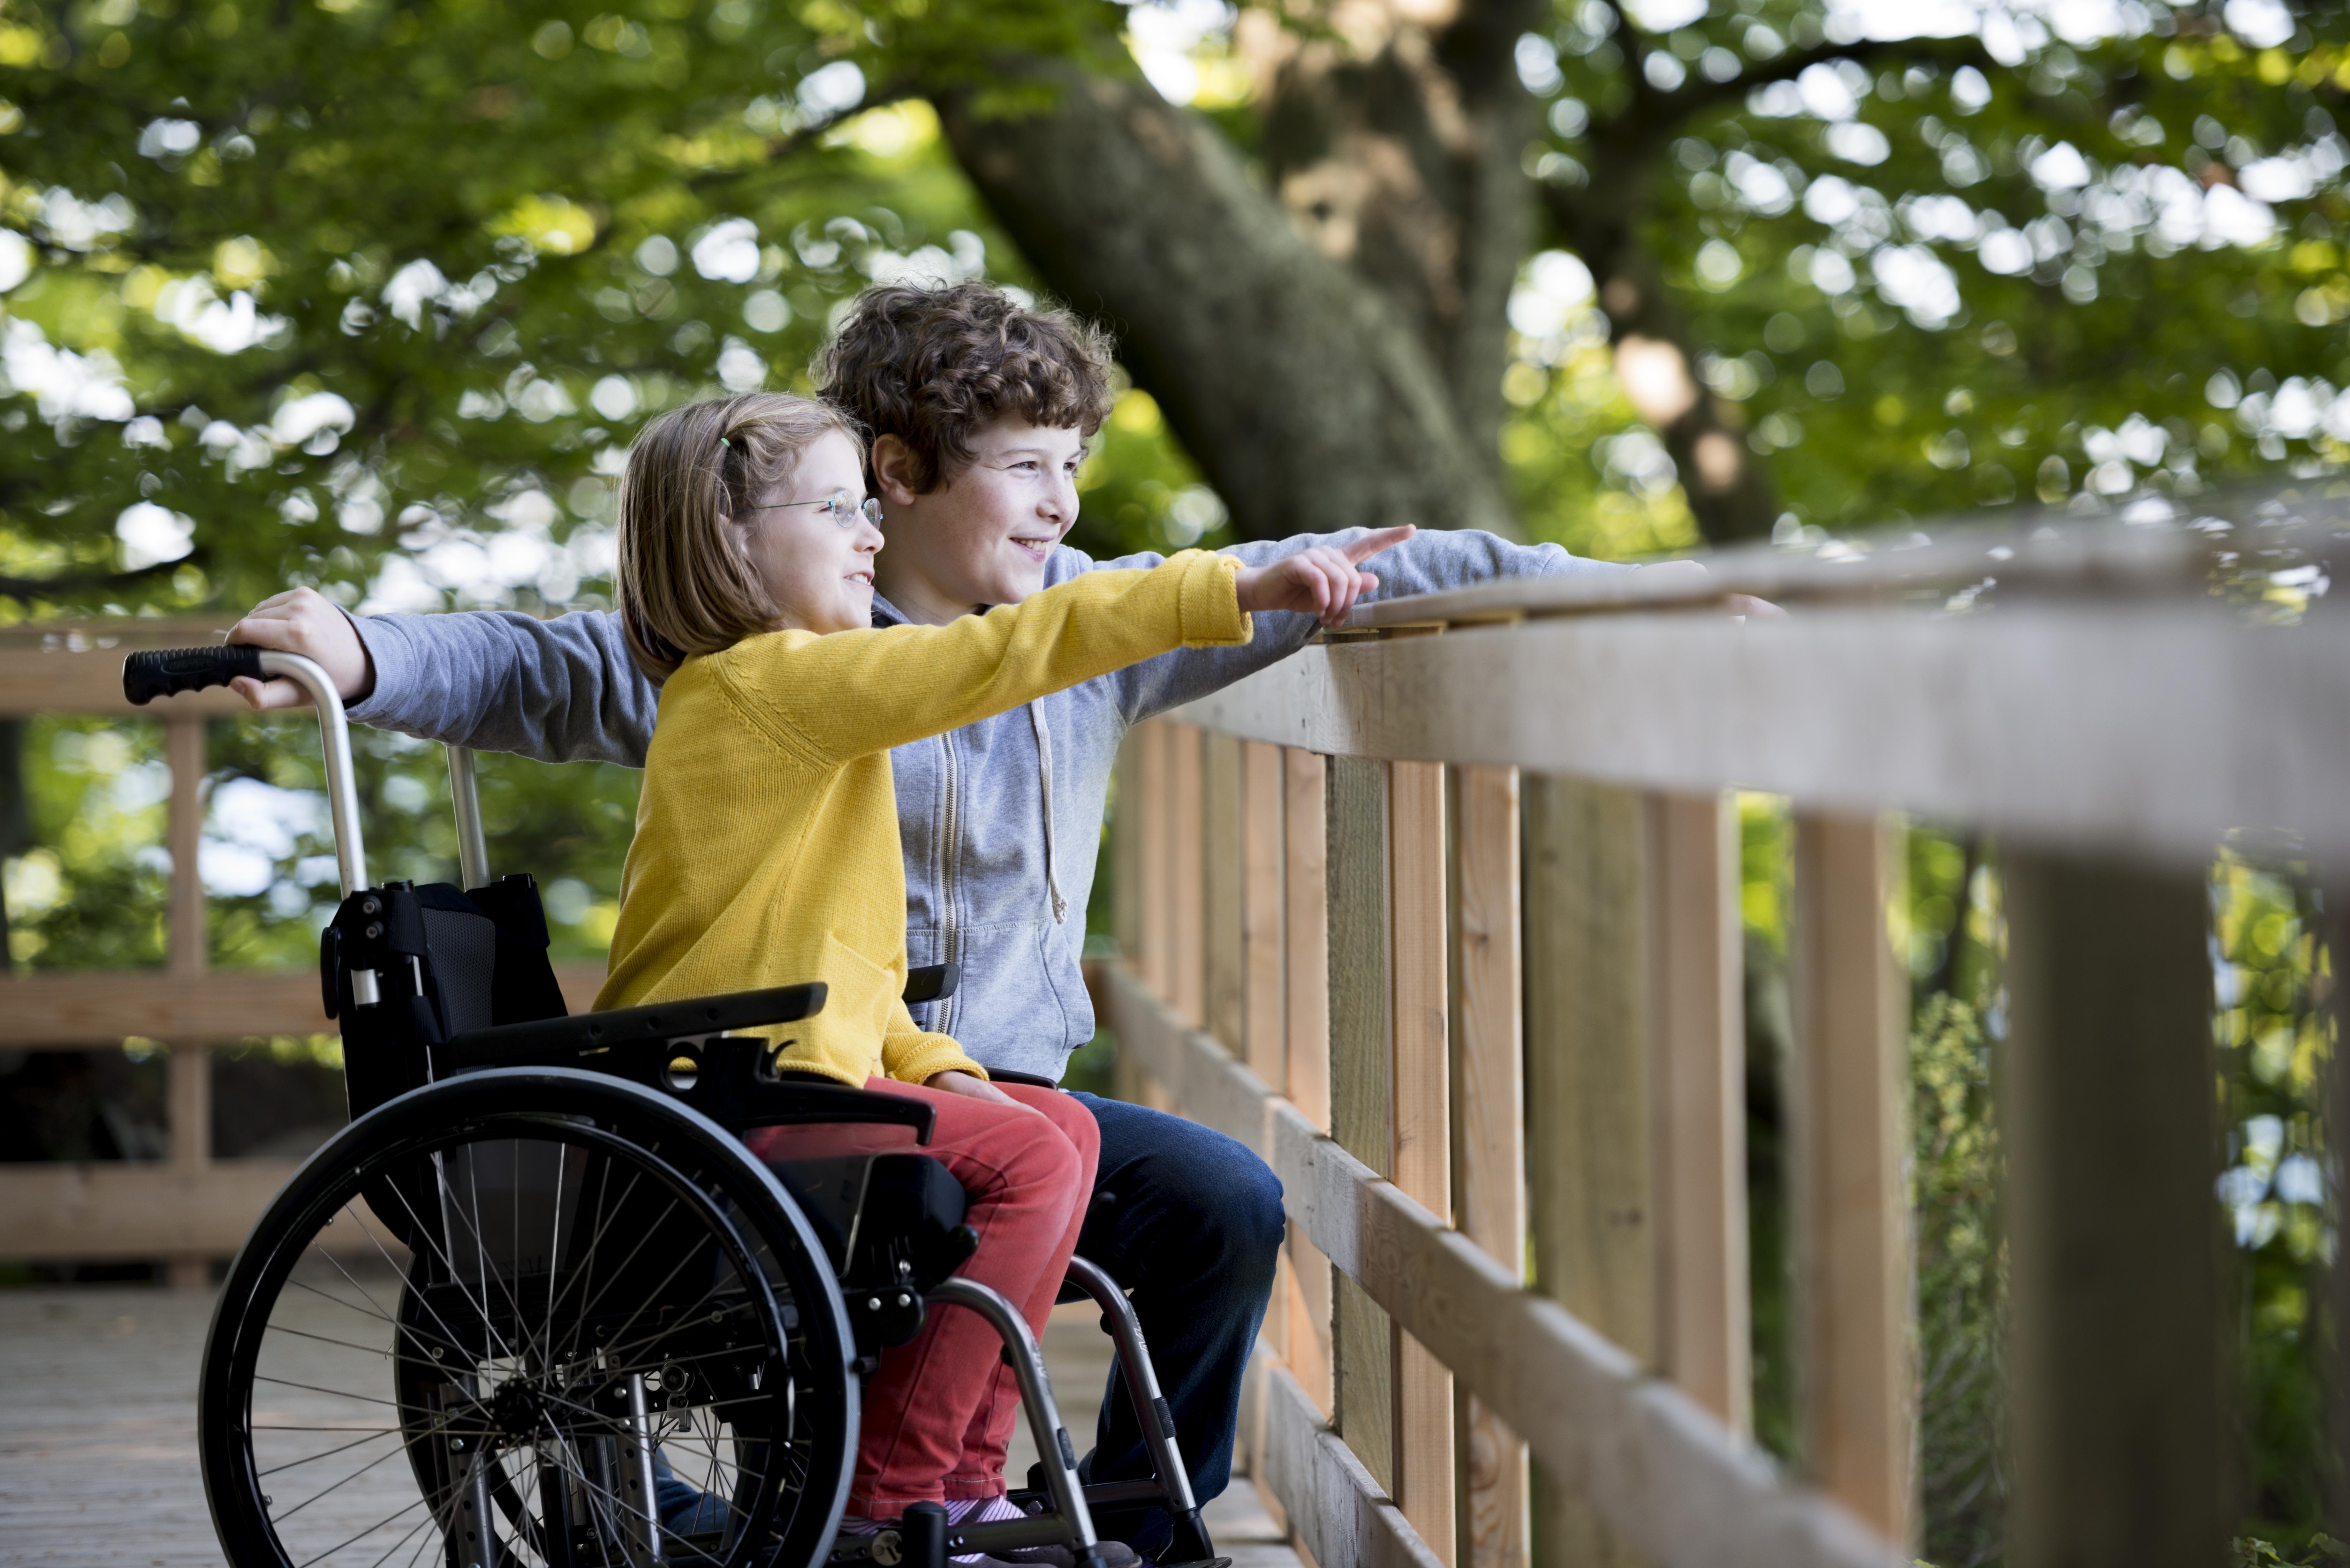 Sur uneplateforme en bois, deux enfants, une fille en fauteuil roulant etungarçon accroupi à sa hauteur, regardent au loin et montrent du doigt quelque chose. En arrière-plan, des arbreset leur feuillage abondant.